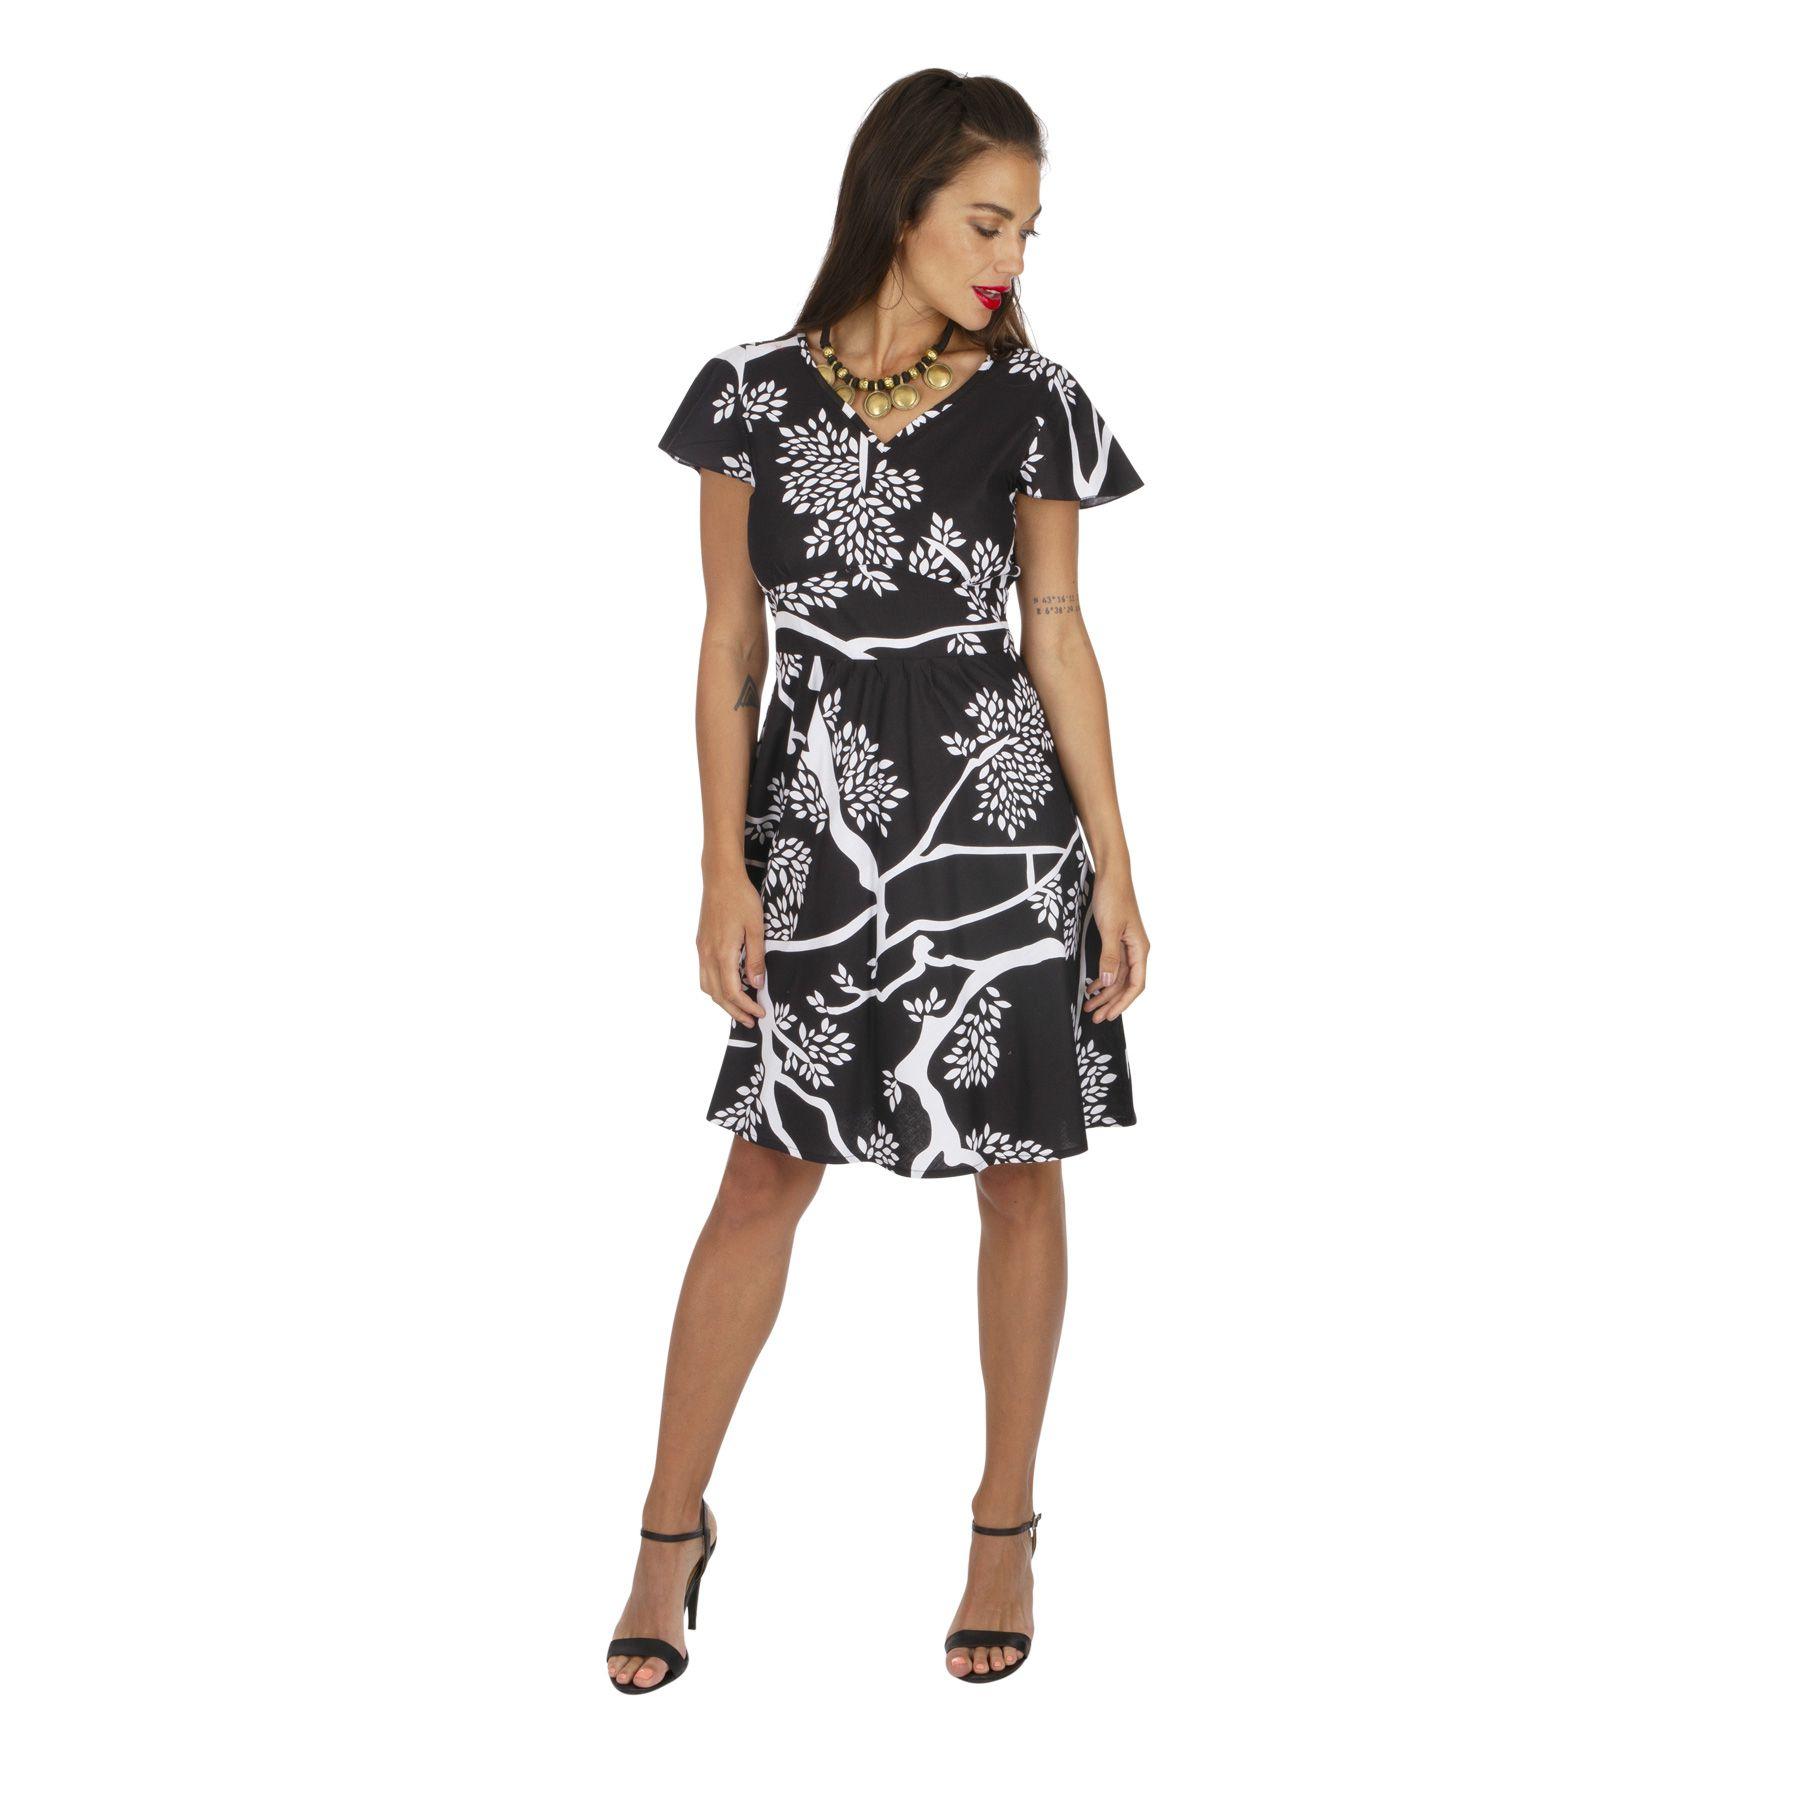 Robe courte été pour femme noire imprimée nature Yolande